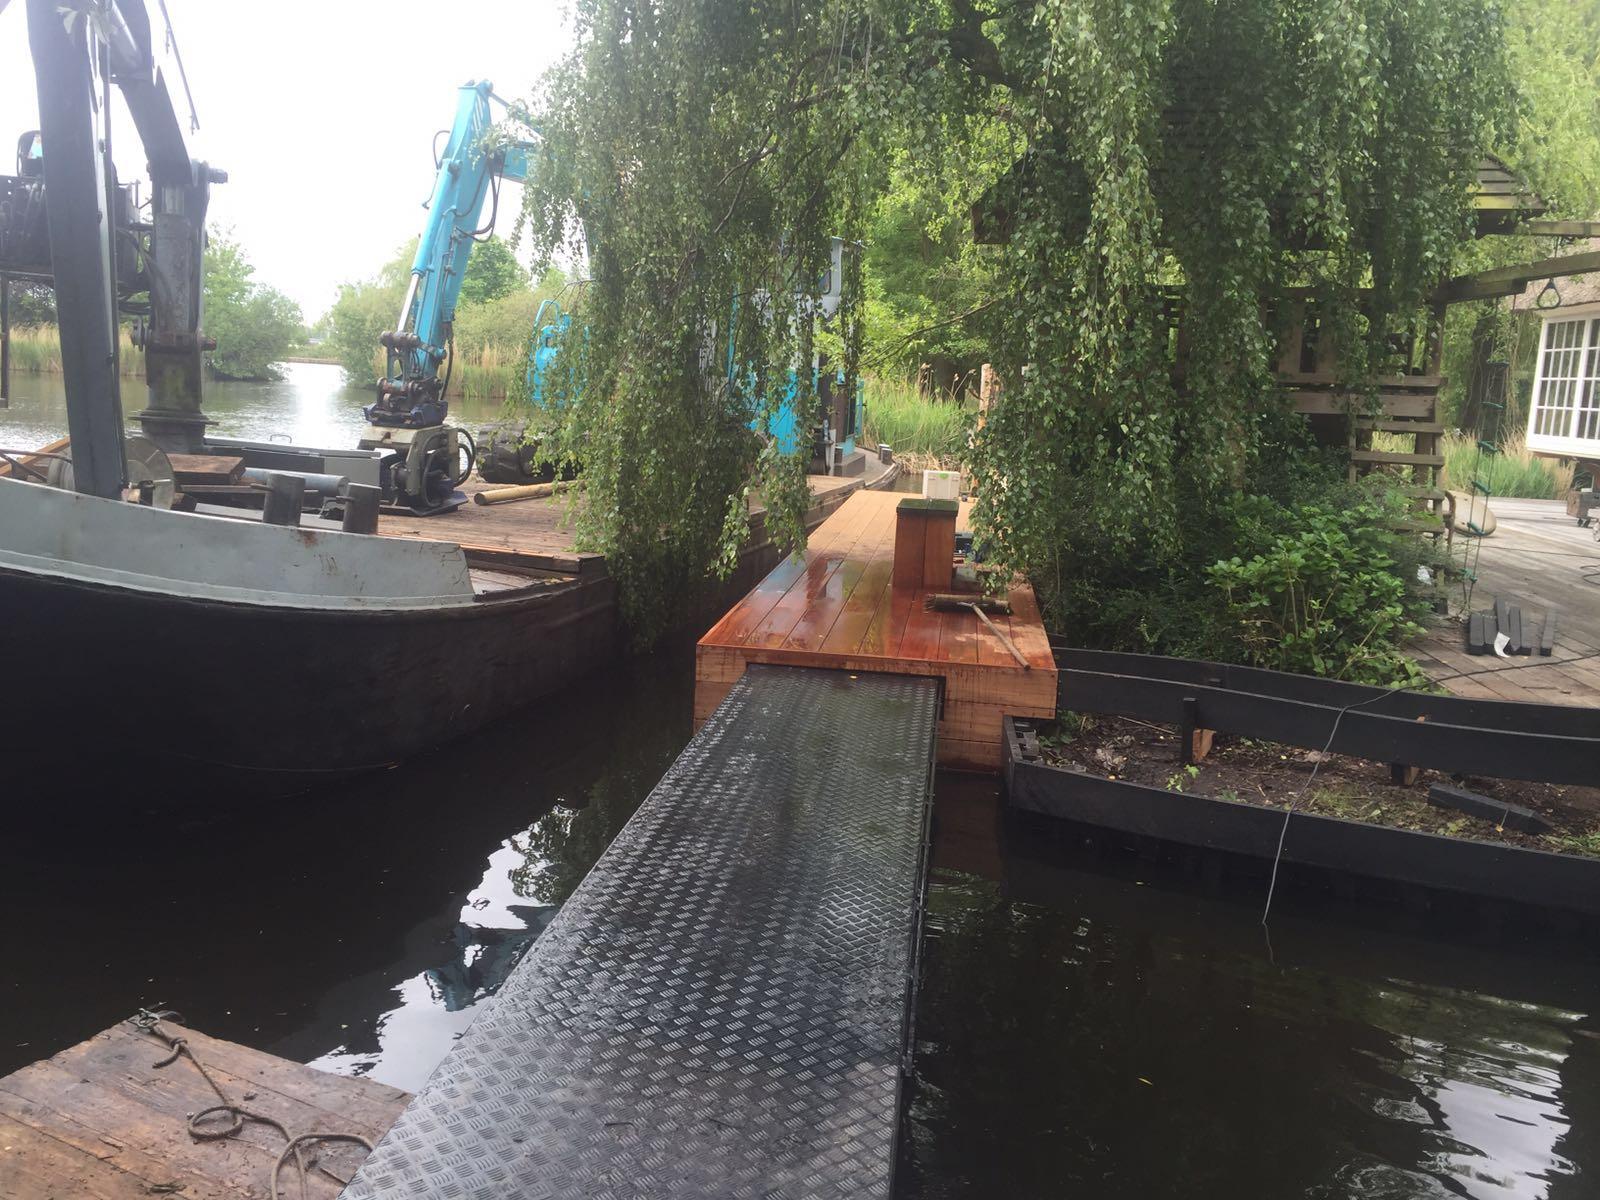 Schuifbrug - Aalsmeer4